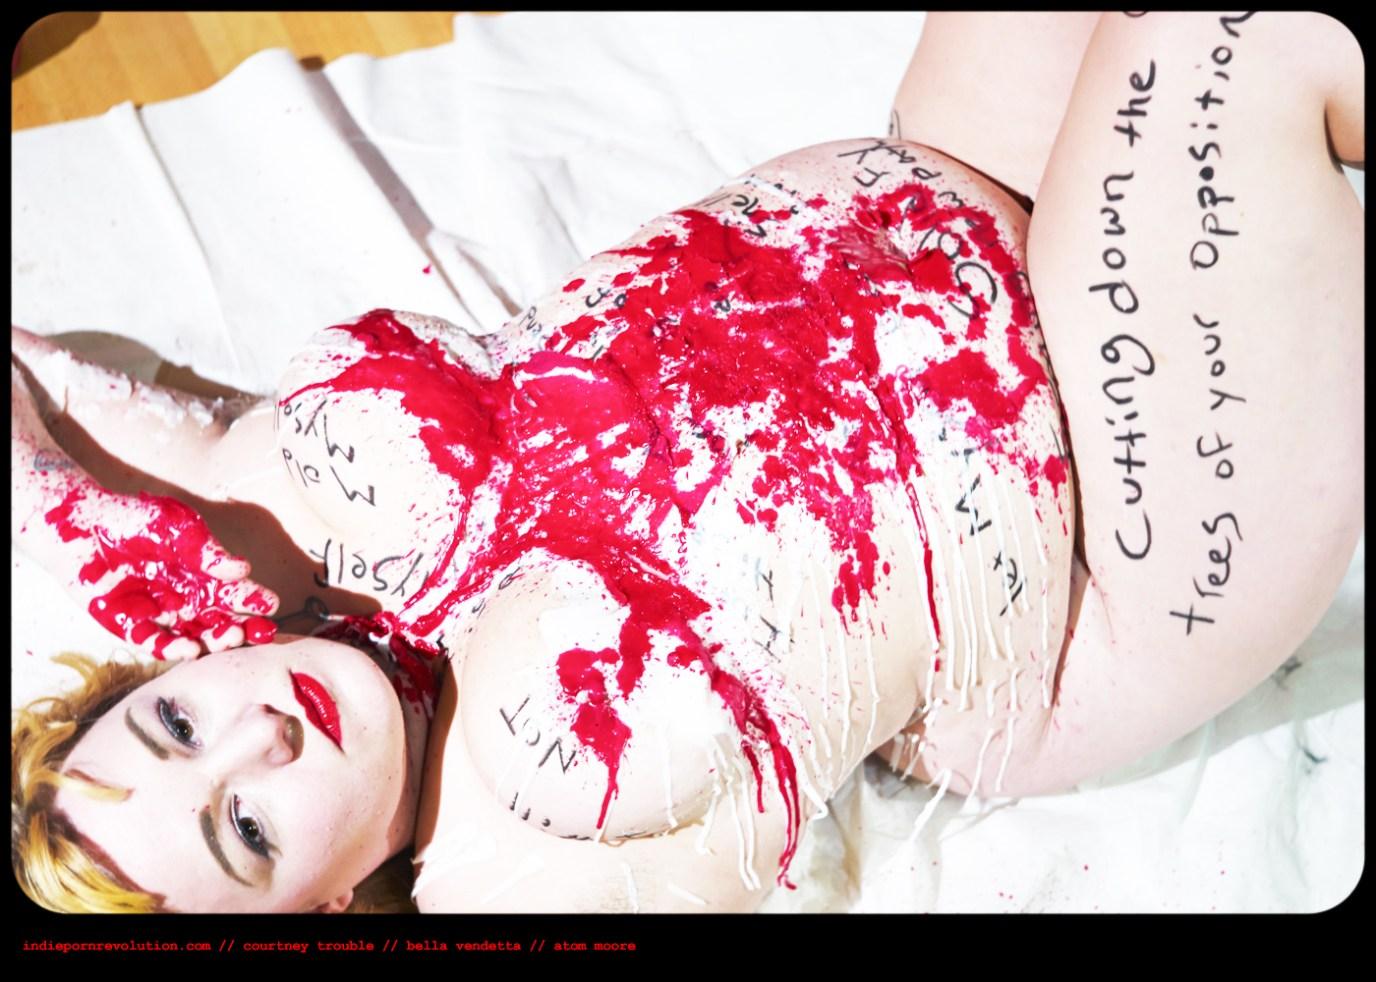 bella-vendetta-courtney-wax-050